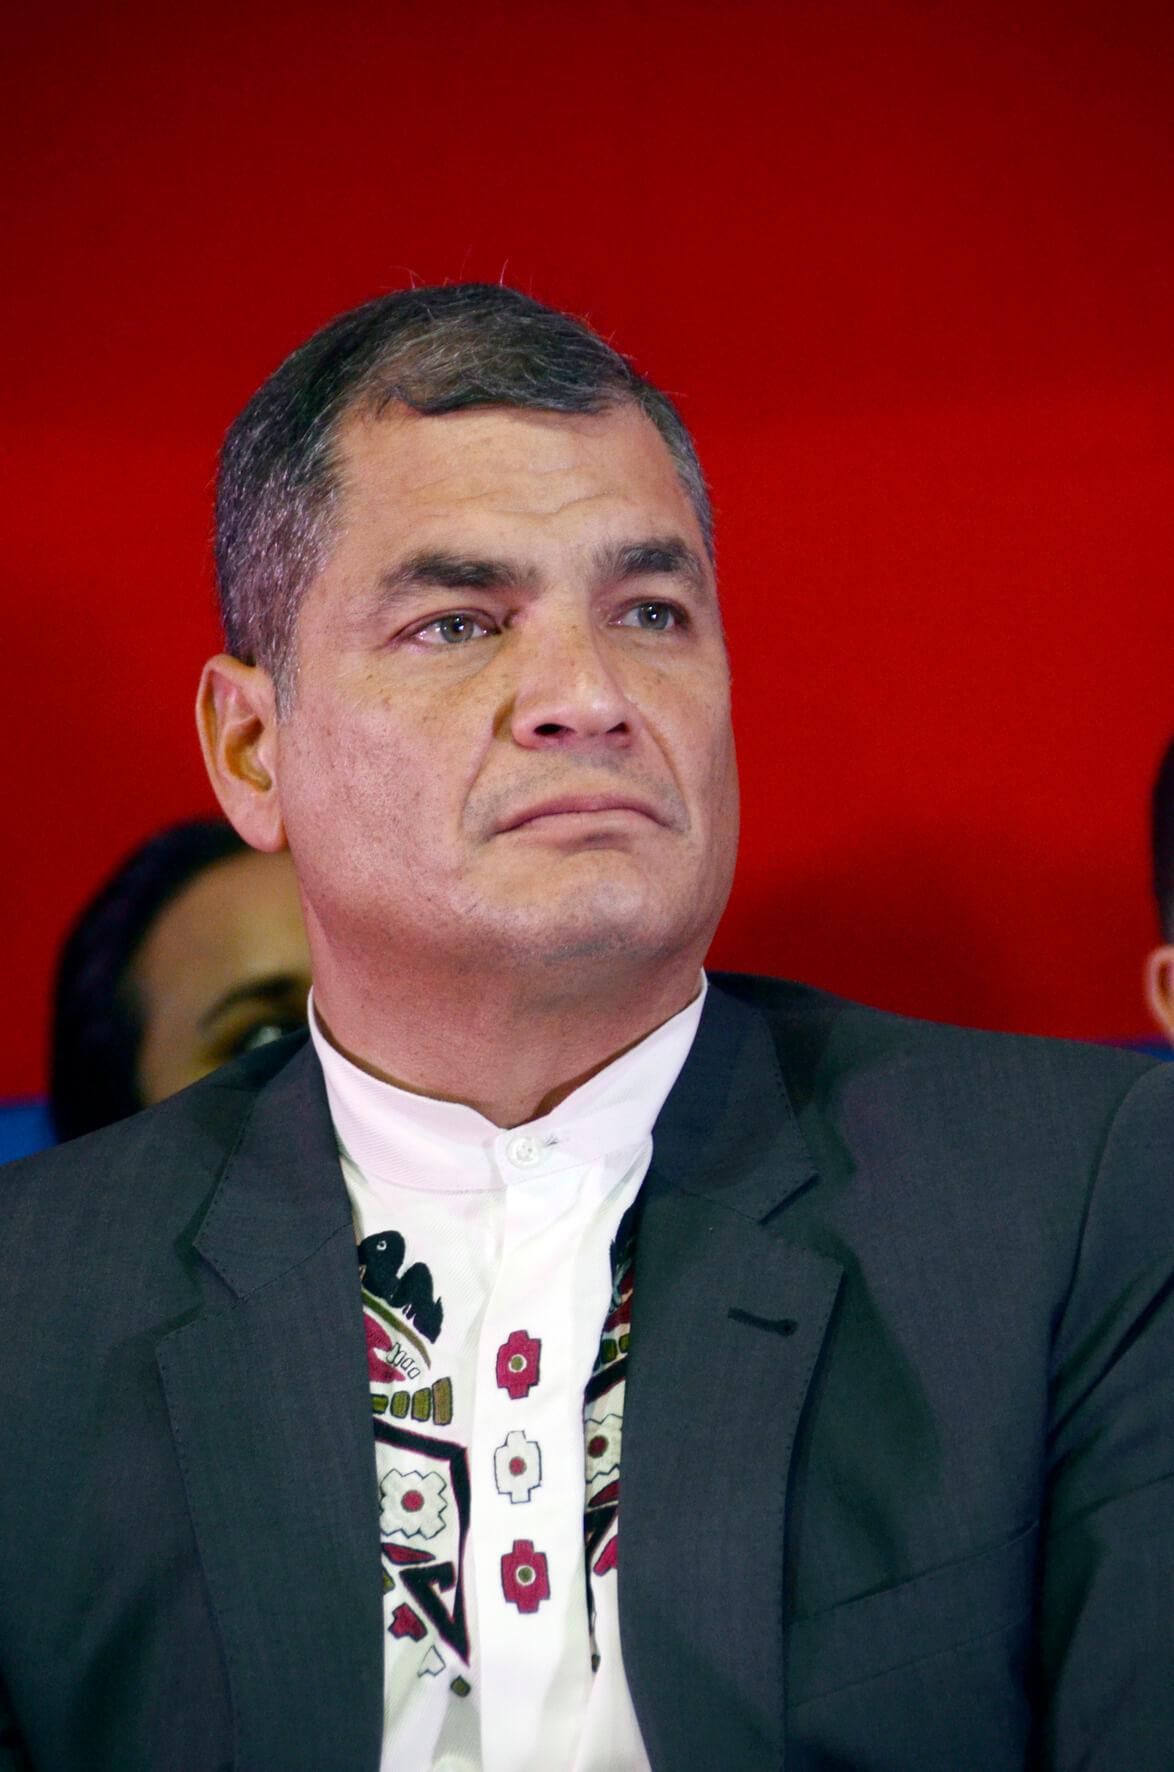 Discurso de Rafael Correa: El rol de las izquierdas continentales en el siglo XXI